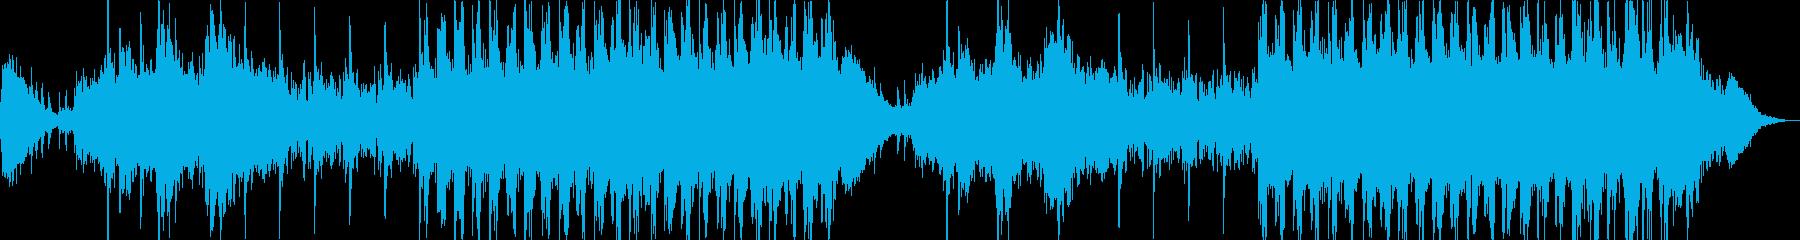 映画音楽、シネマティック映像向け-07の再生済みの波形